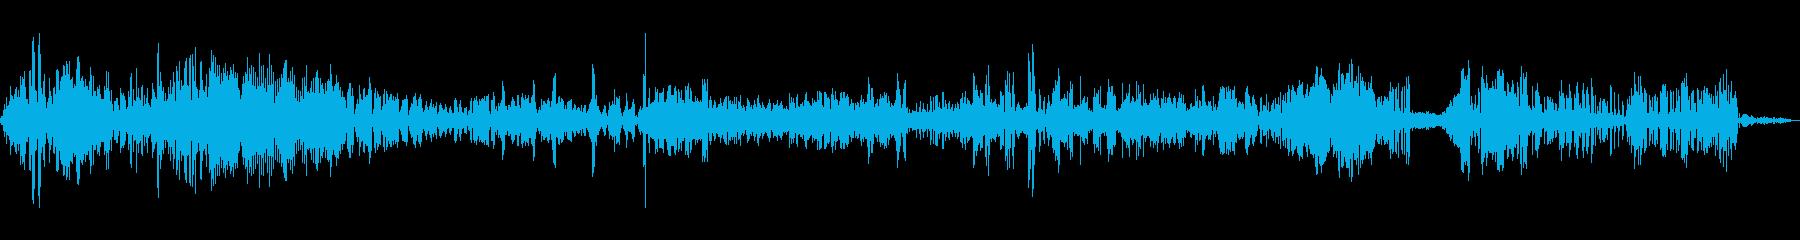 ヒバリのさえずりの再生済みの波形